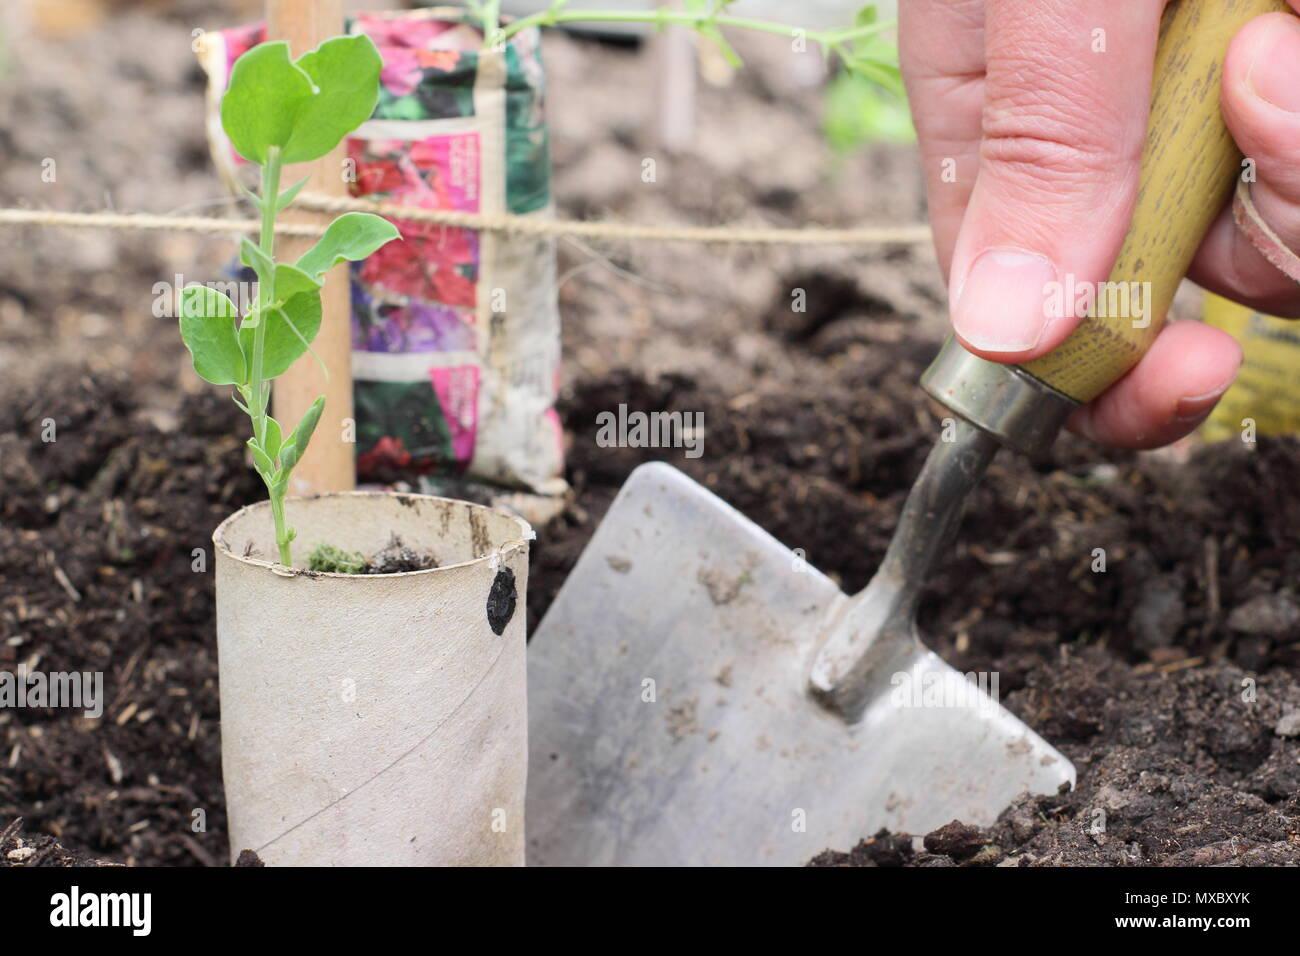 Lathyrus odoratus. Piantando giovani pisello dolce piante in carta riciclata pentole alla base della canna da zucchero impianto wigwam supporta, molla, REGNO UNITO Immagini Stock